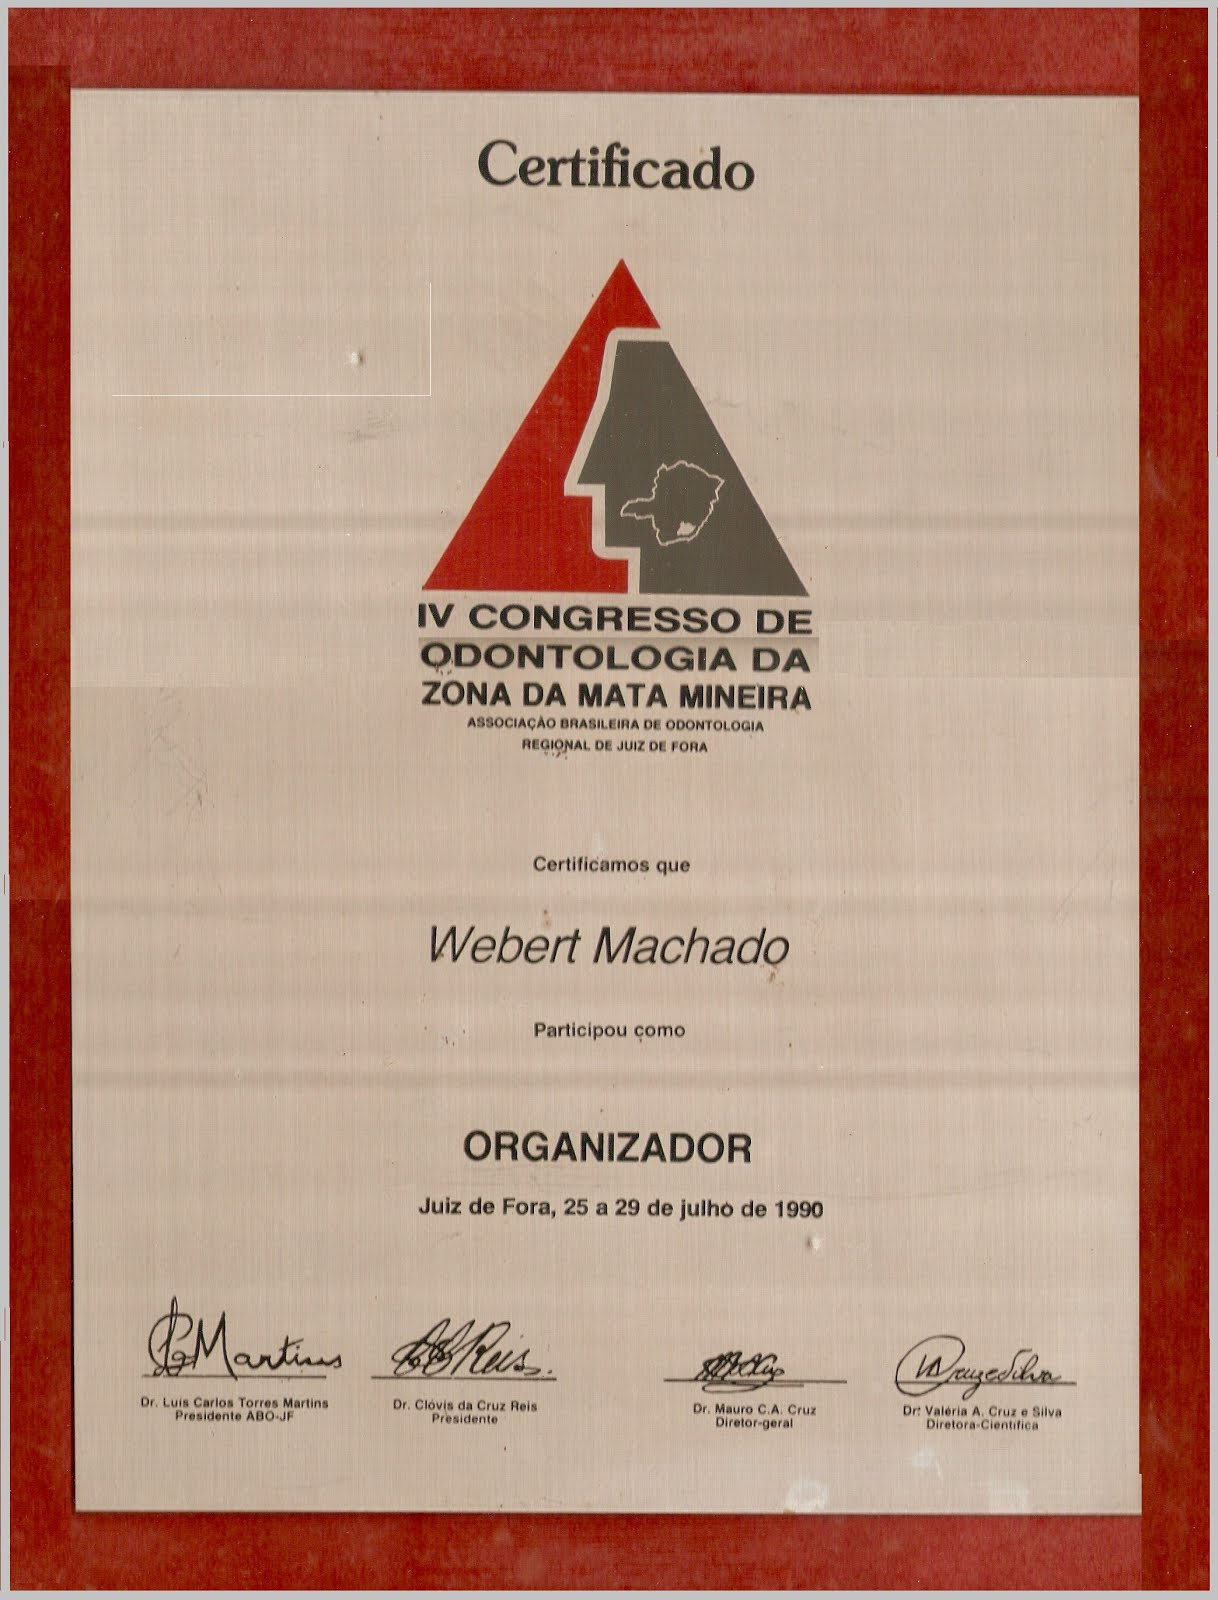 ABO JF - Associação Brasileira de Odontologia Regional Juiz de Fora MG